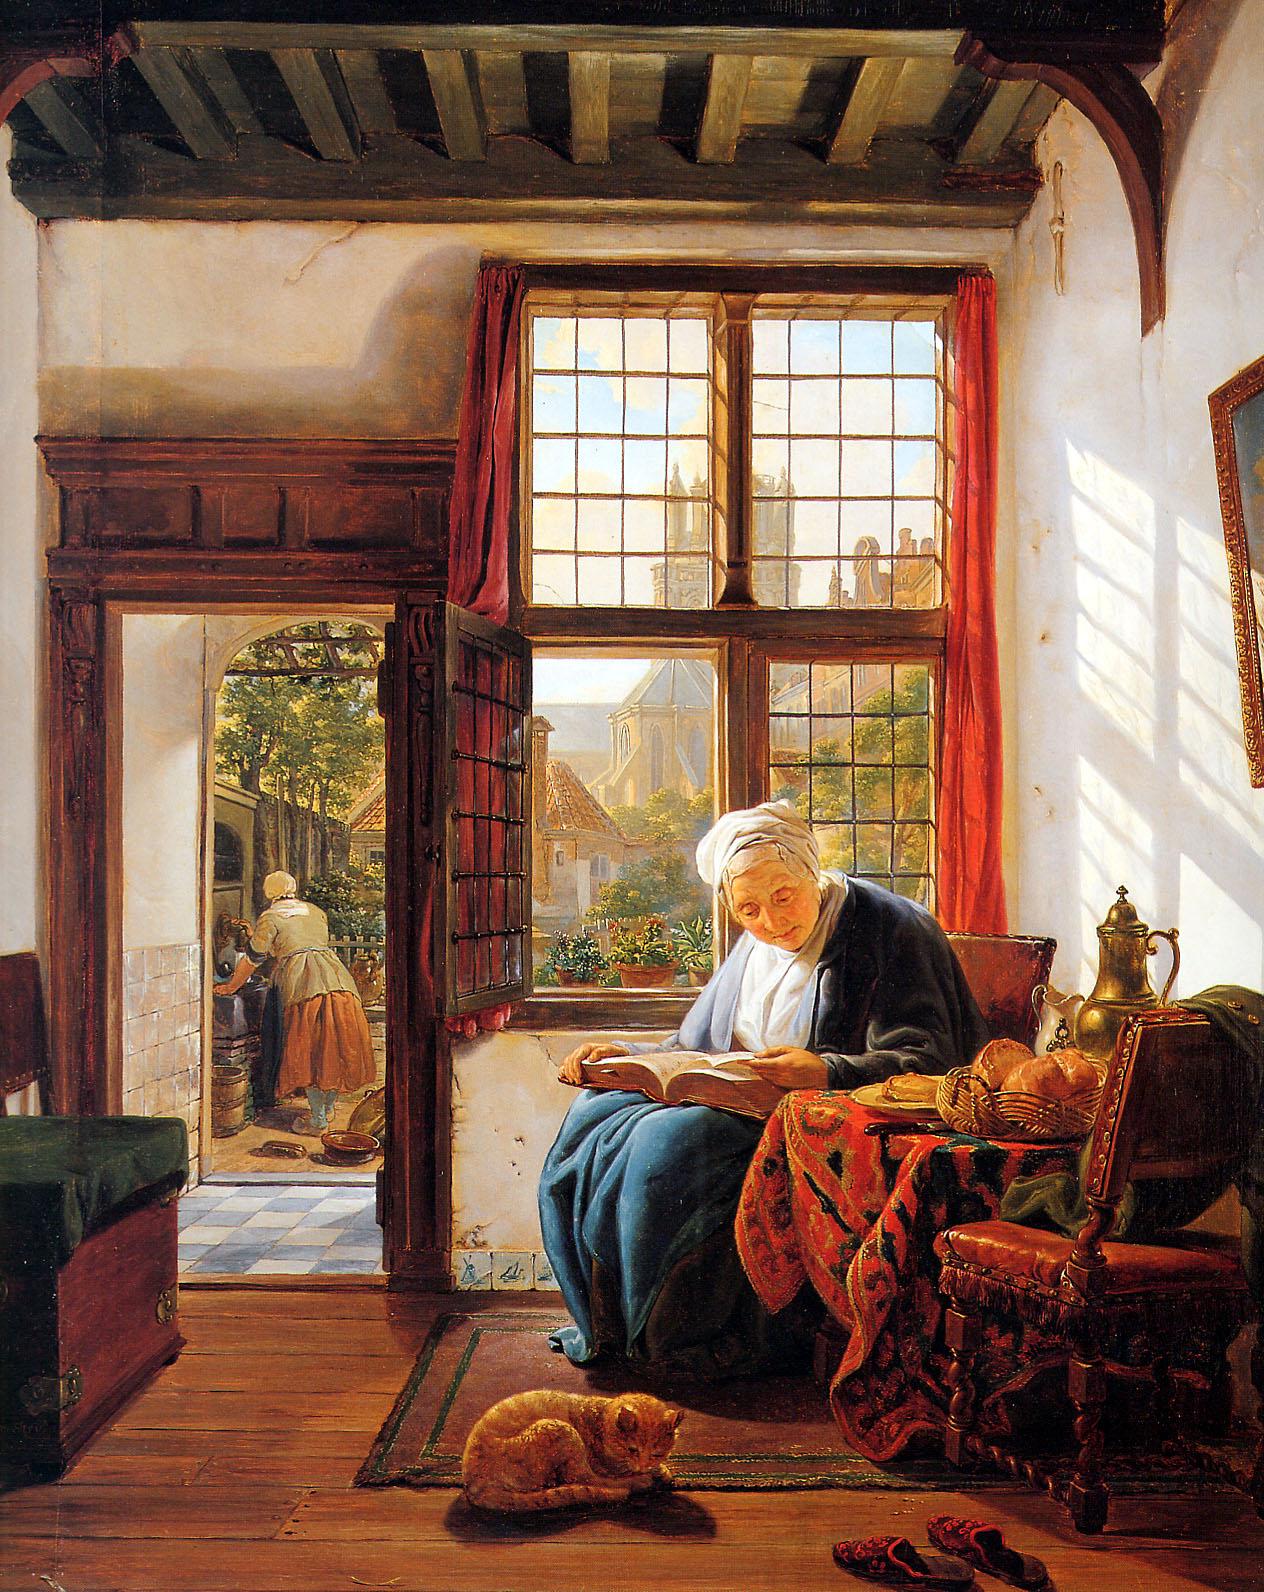 Old Woman Reading At Window Abraham Van Strij Biblioklept